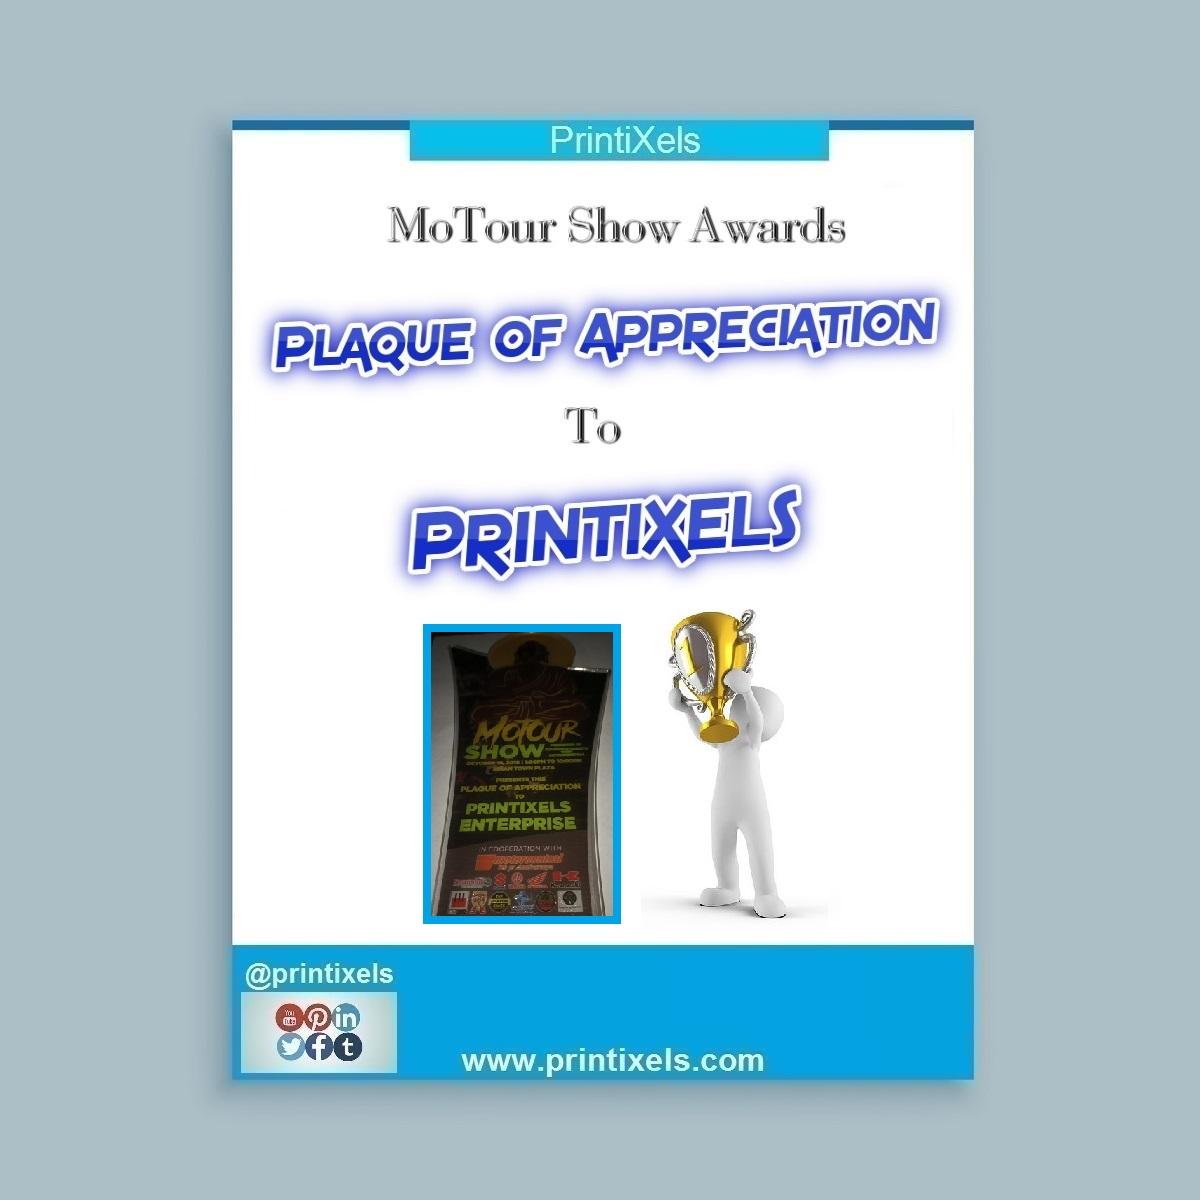 MoTour Show Awards Plaque of Appreciation to Printixels